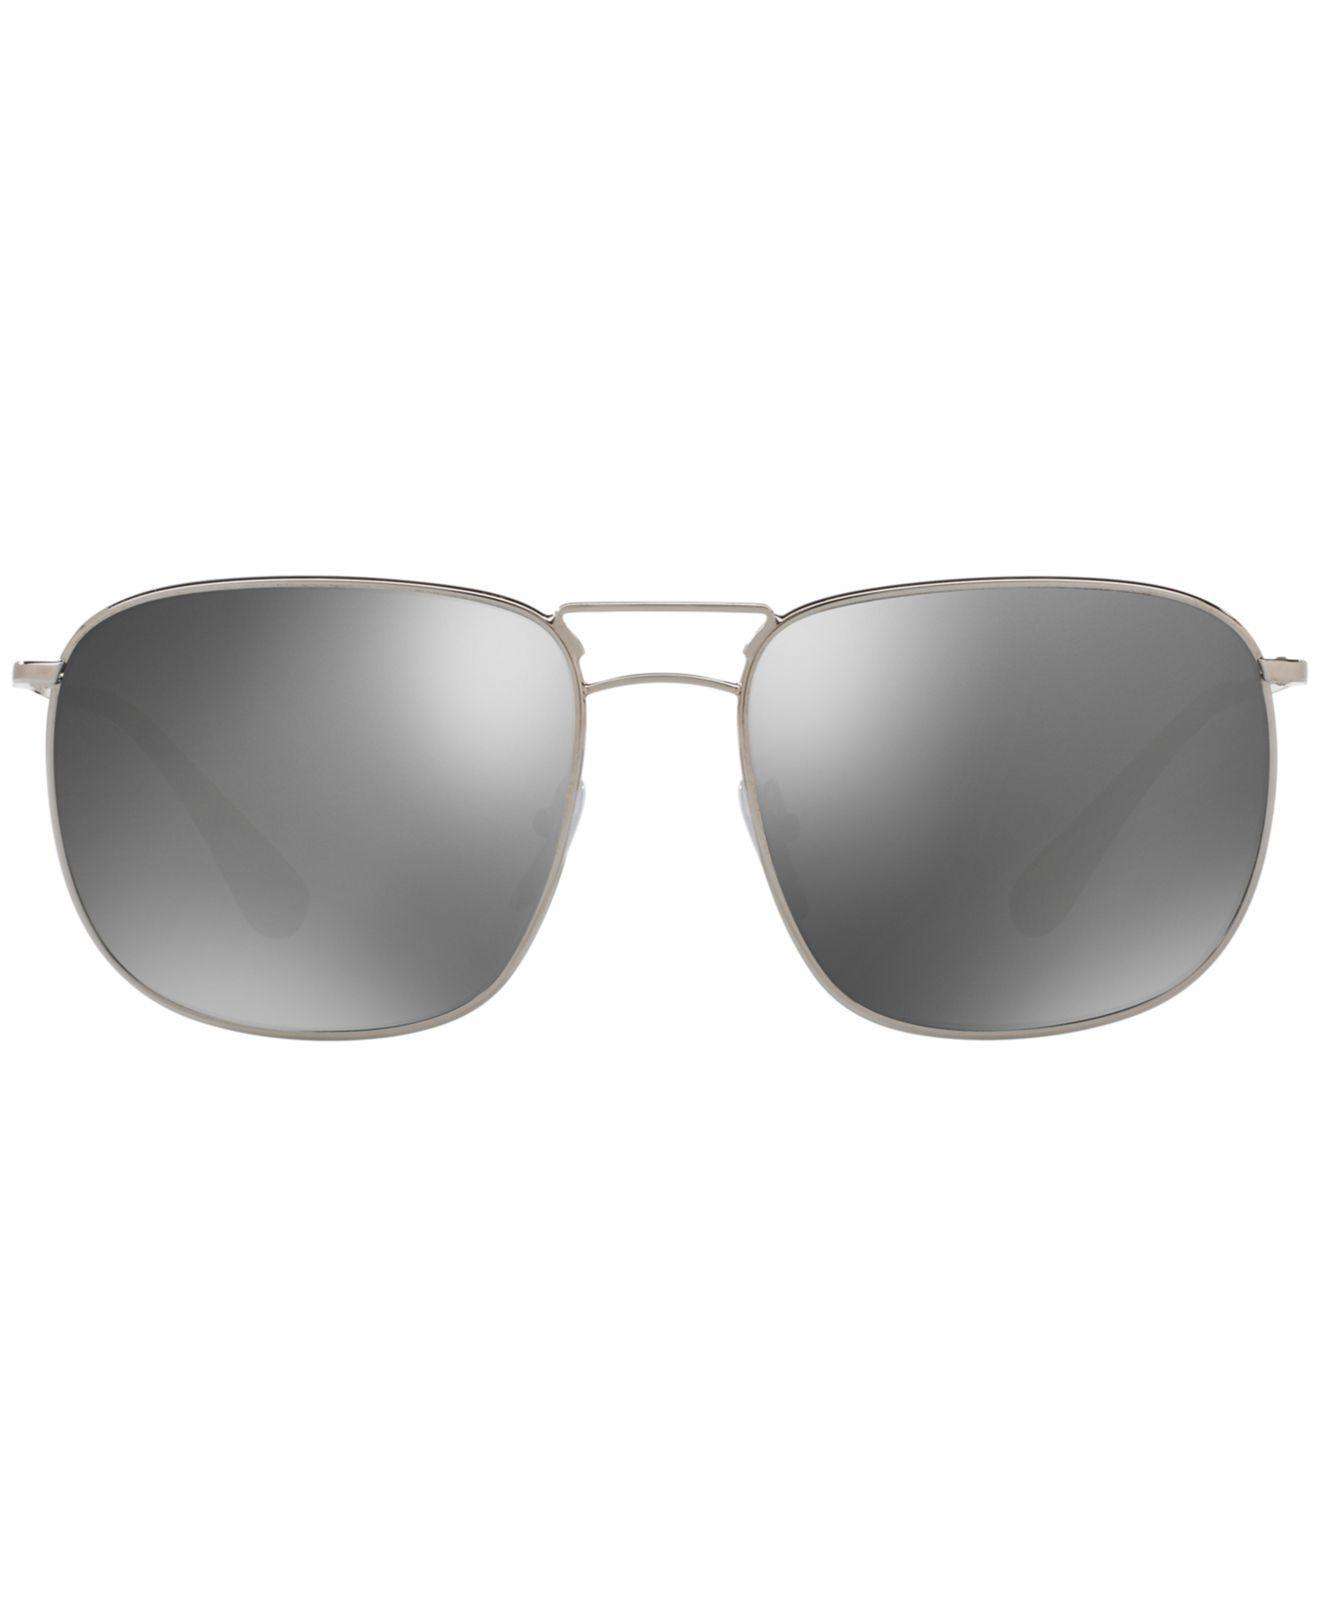 4a65f937a6b48 free shipping prada sunglasses macys sales this weekend da135 e8d01